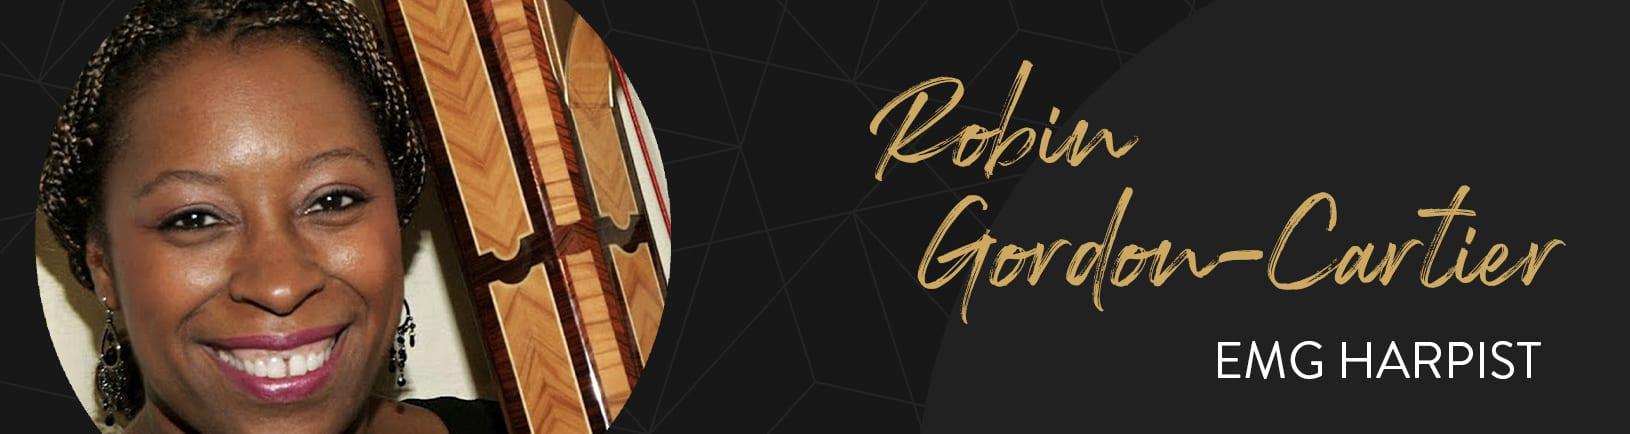 Robin Gordon-Cartier on Women's Day | Elegant Music Group